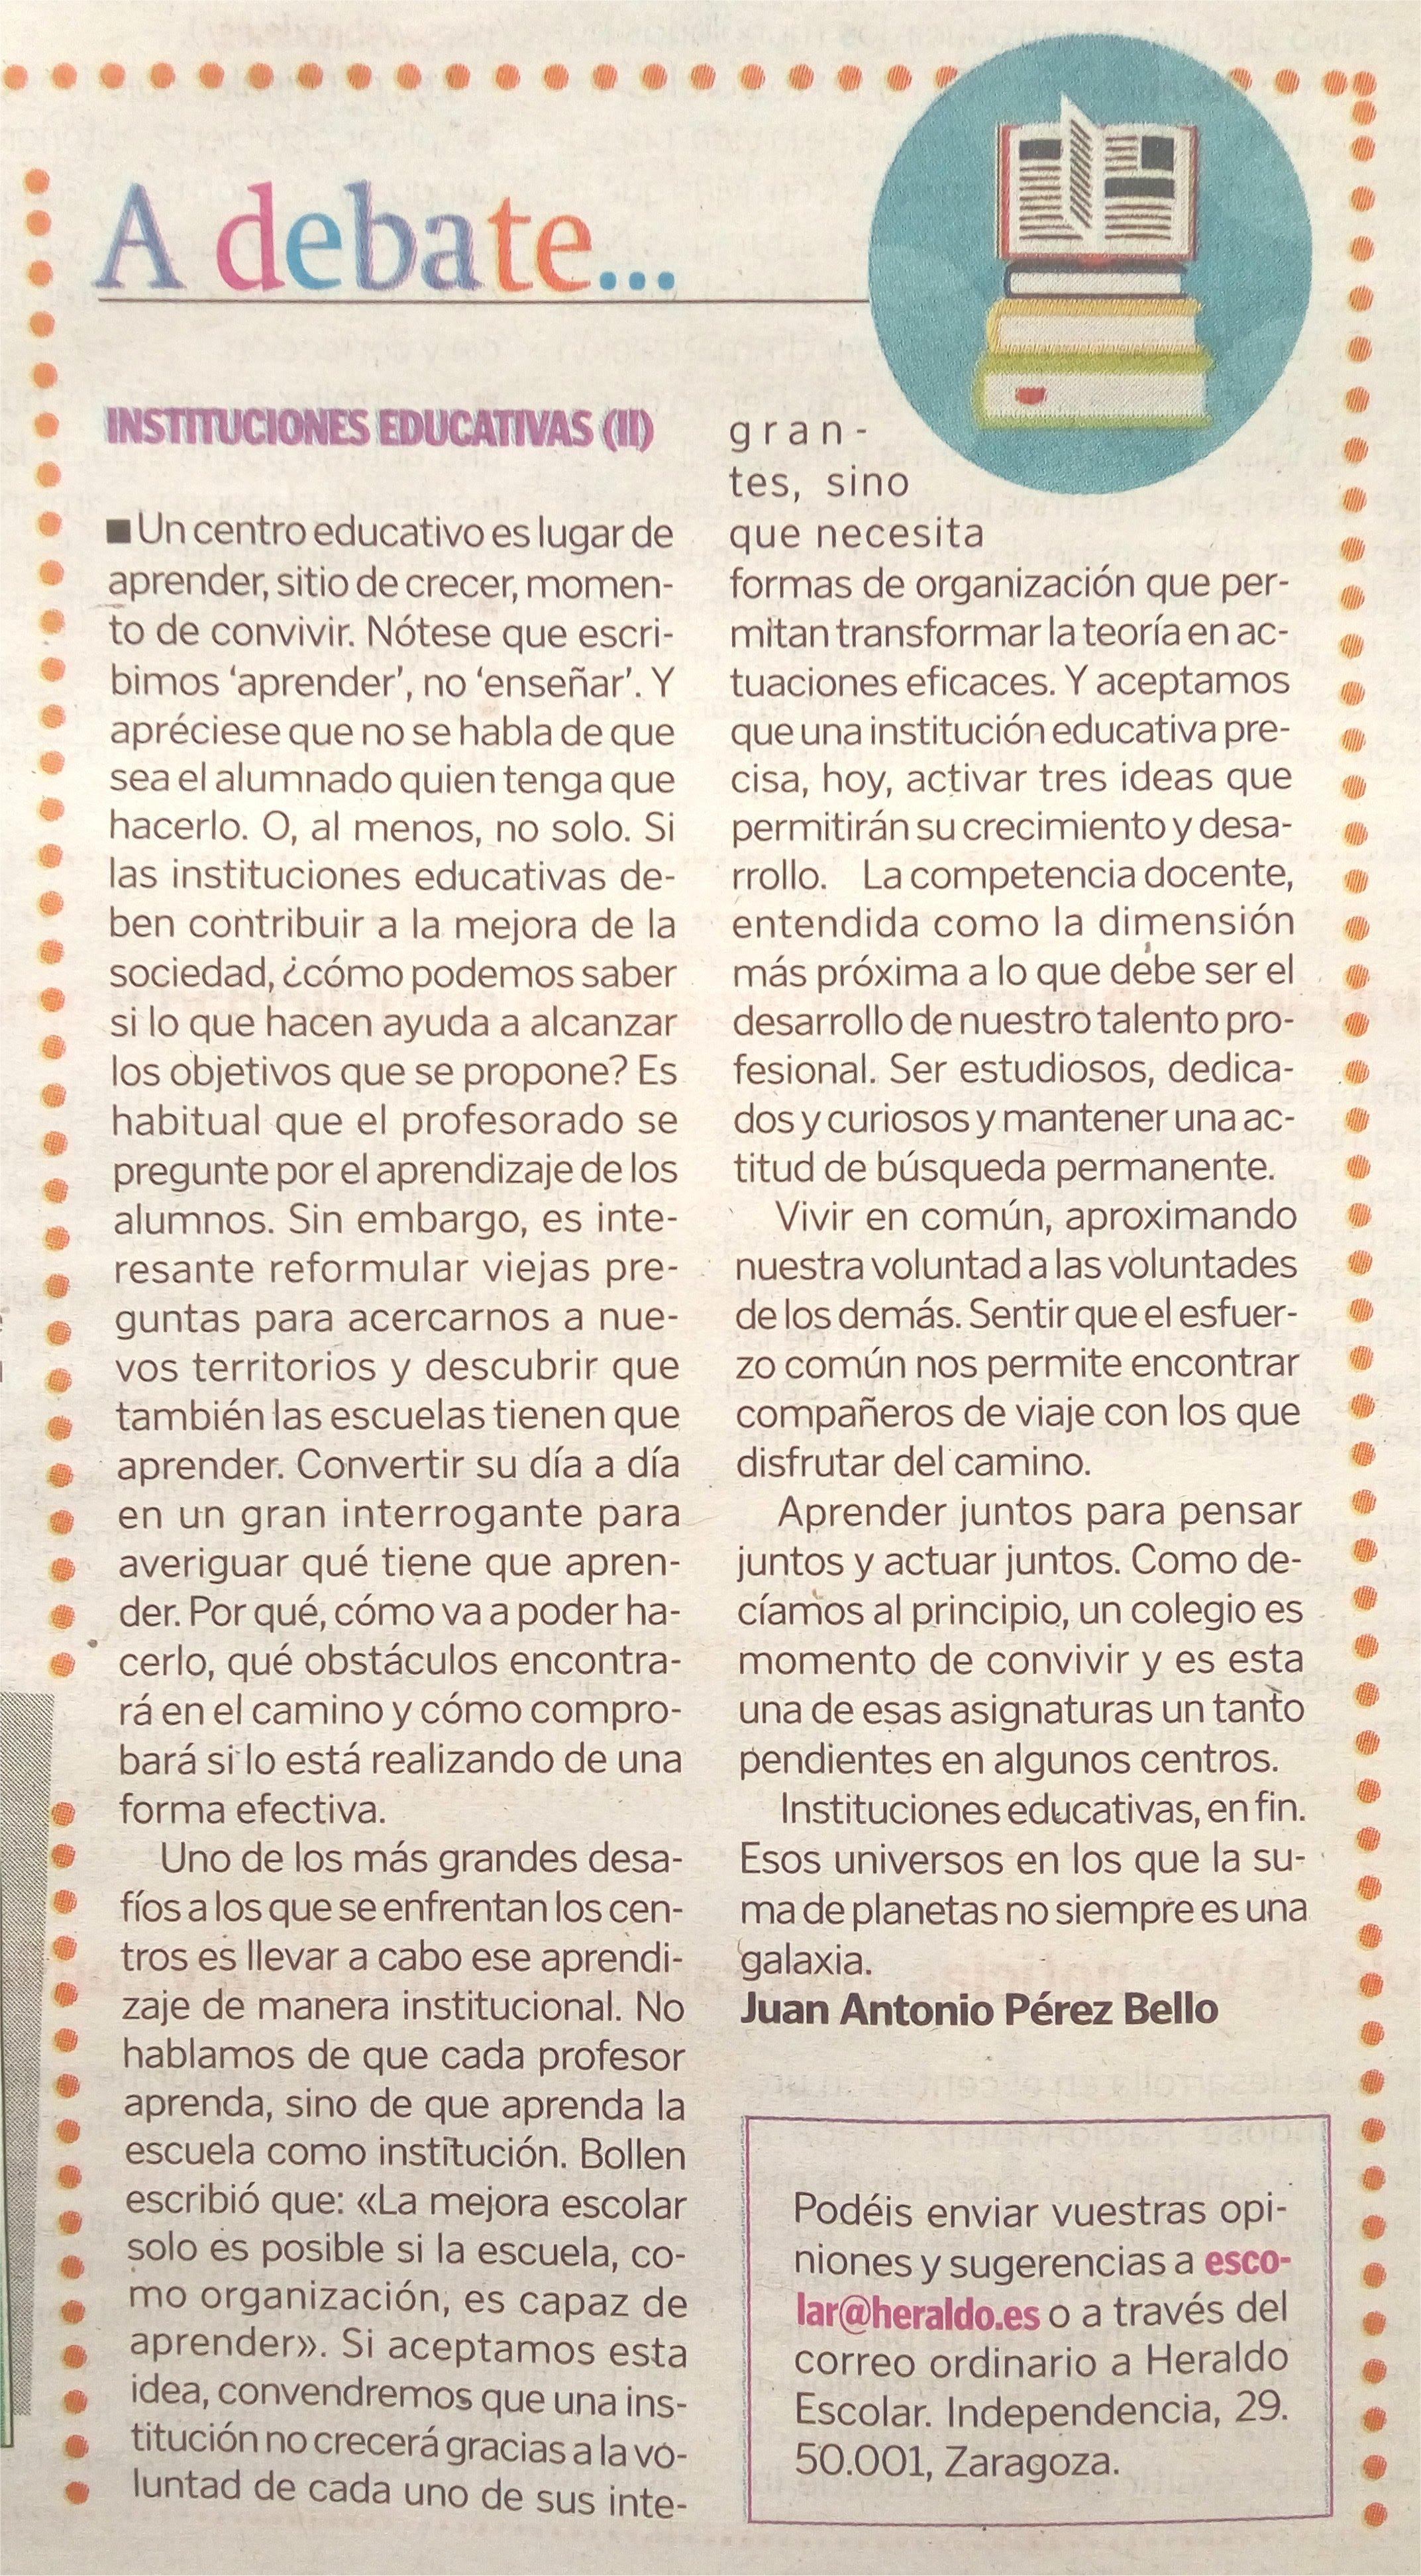 Instituciones_educativas_02